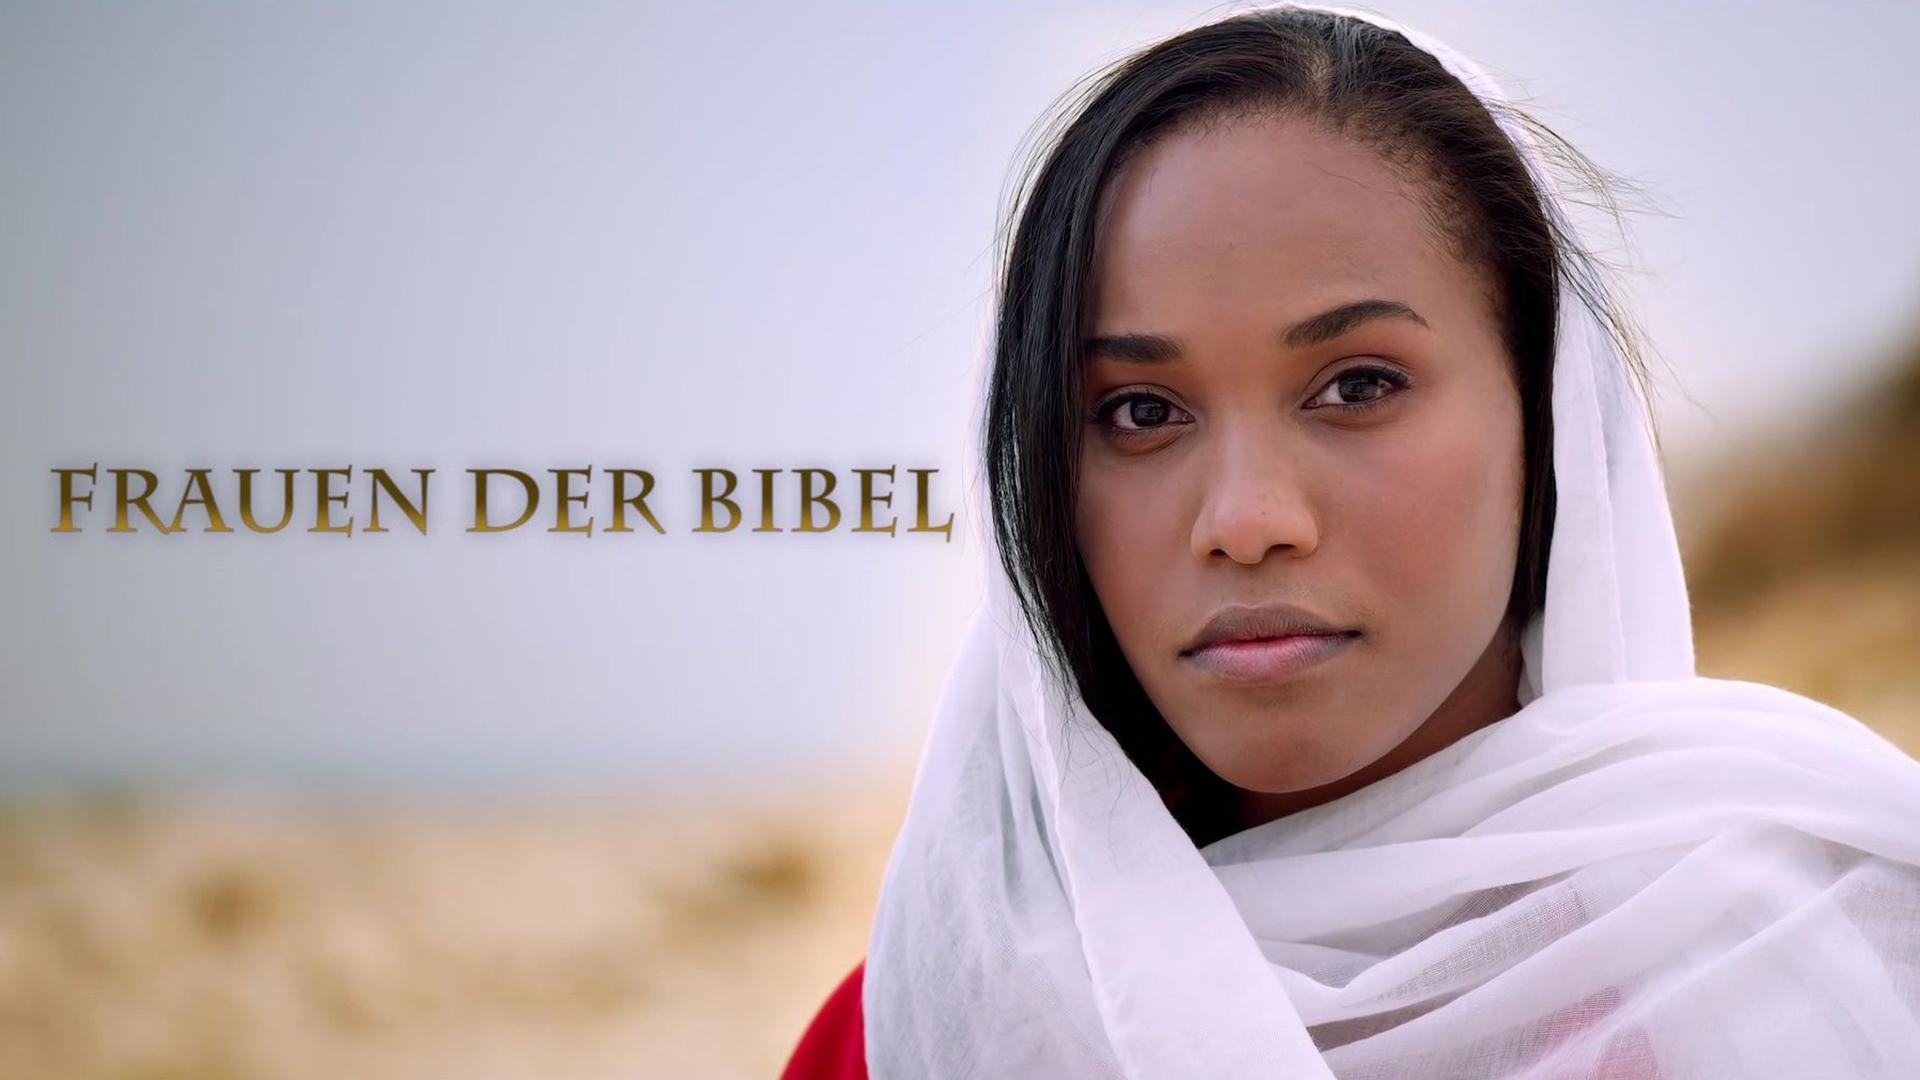 Die Frau In Der Bibel